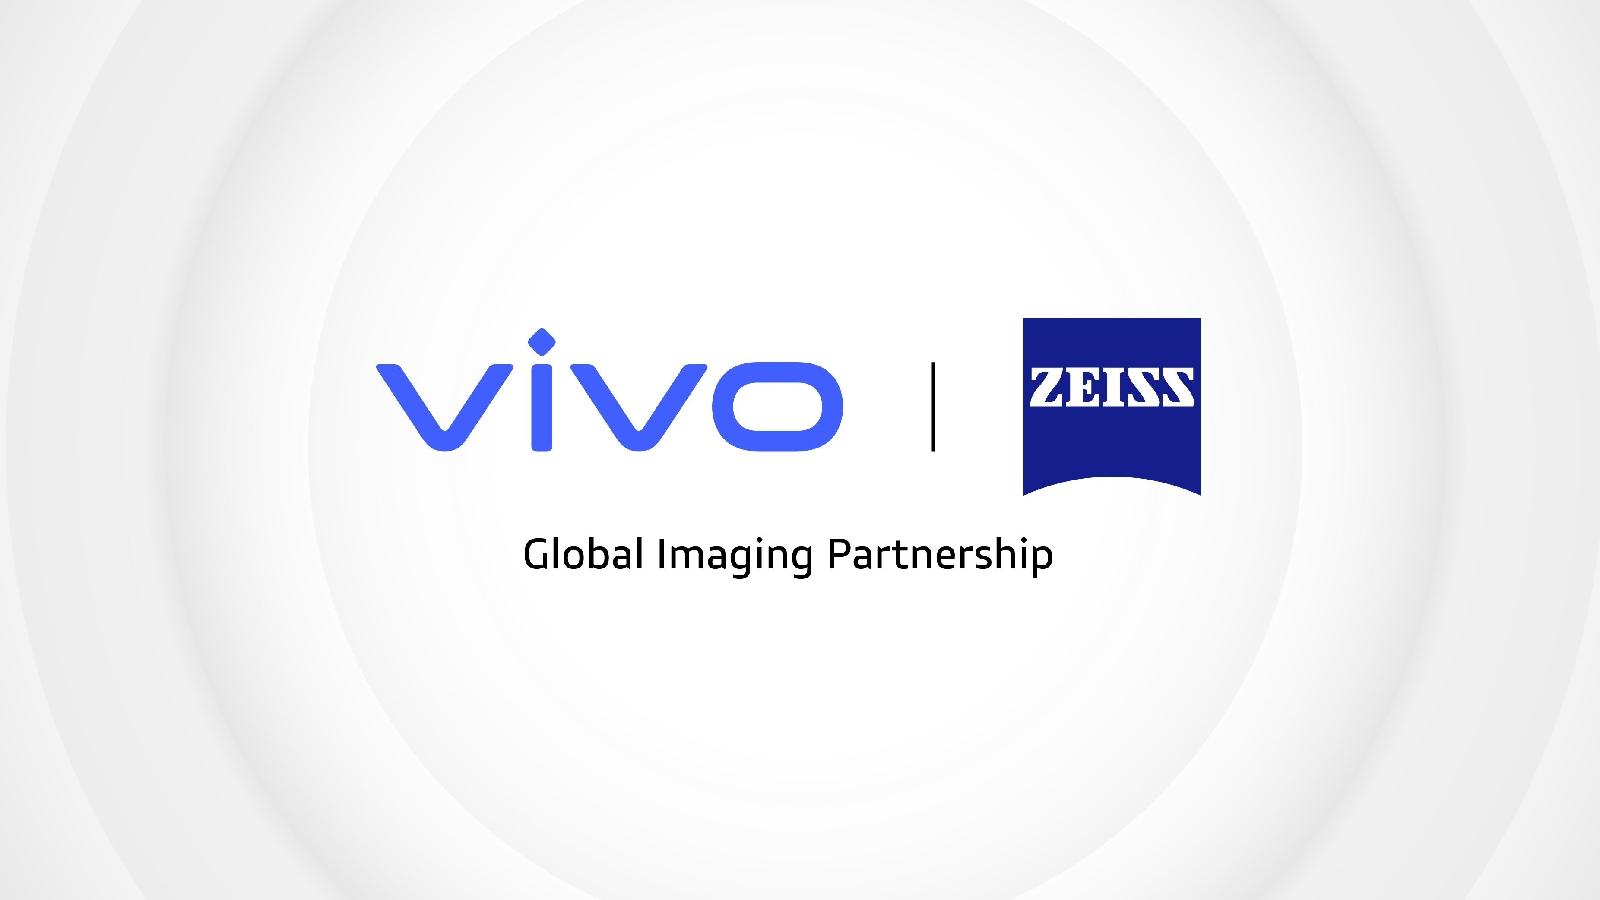 Vivo จับมือ ZEISS พันธมิตรระดับโลกพัฒนาการถ่ายภาพด้วยกล้องมือถือ